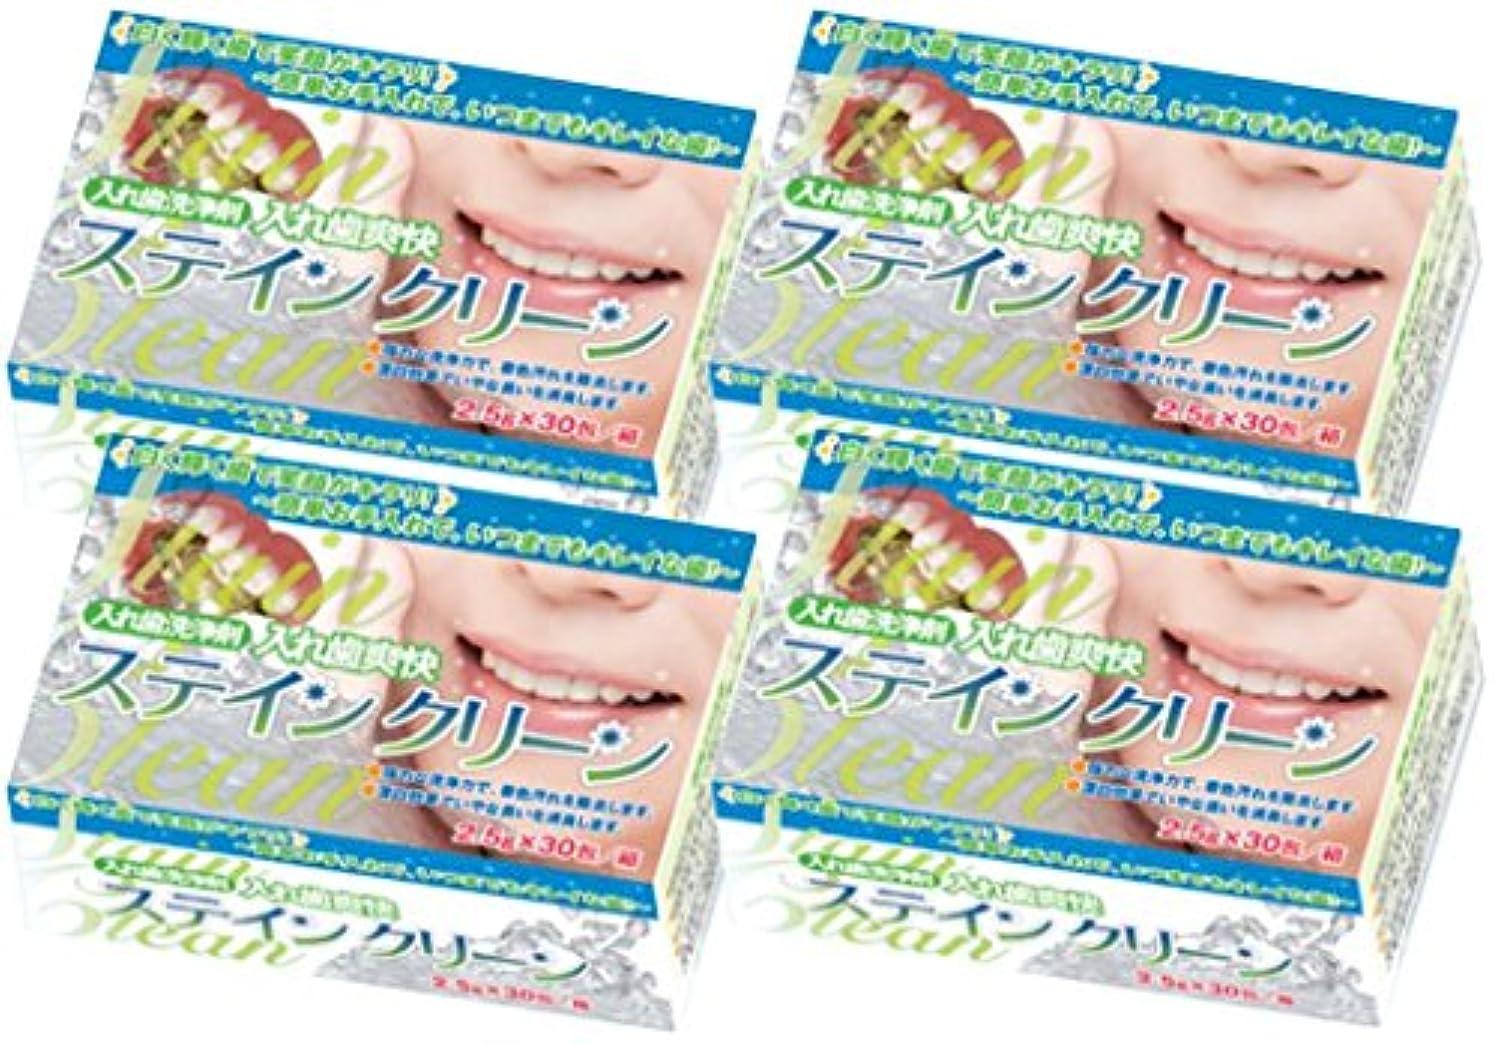 サンダー考古学的なタオル入れ歯爽快 ステインクリーン 1箱(2.5g × 30包入り) 歯科医院専売品 (4箱)